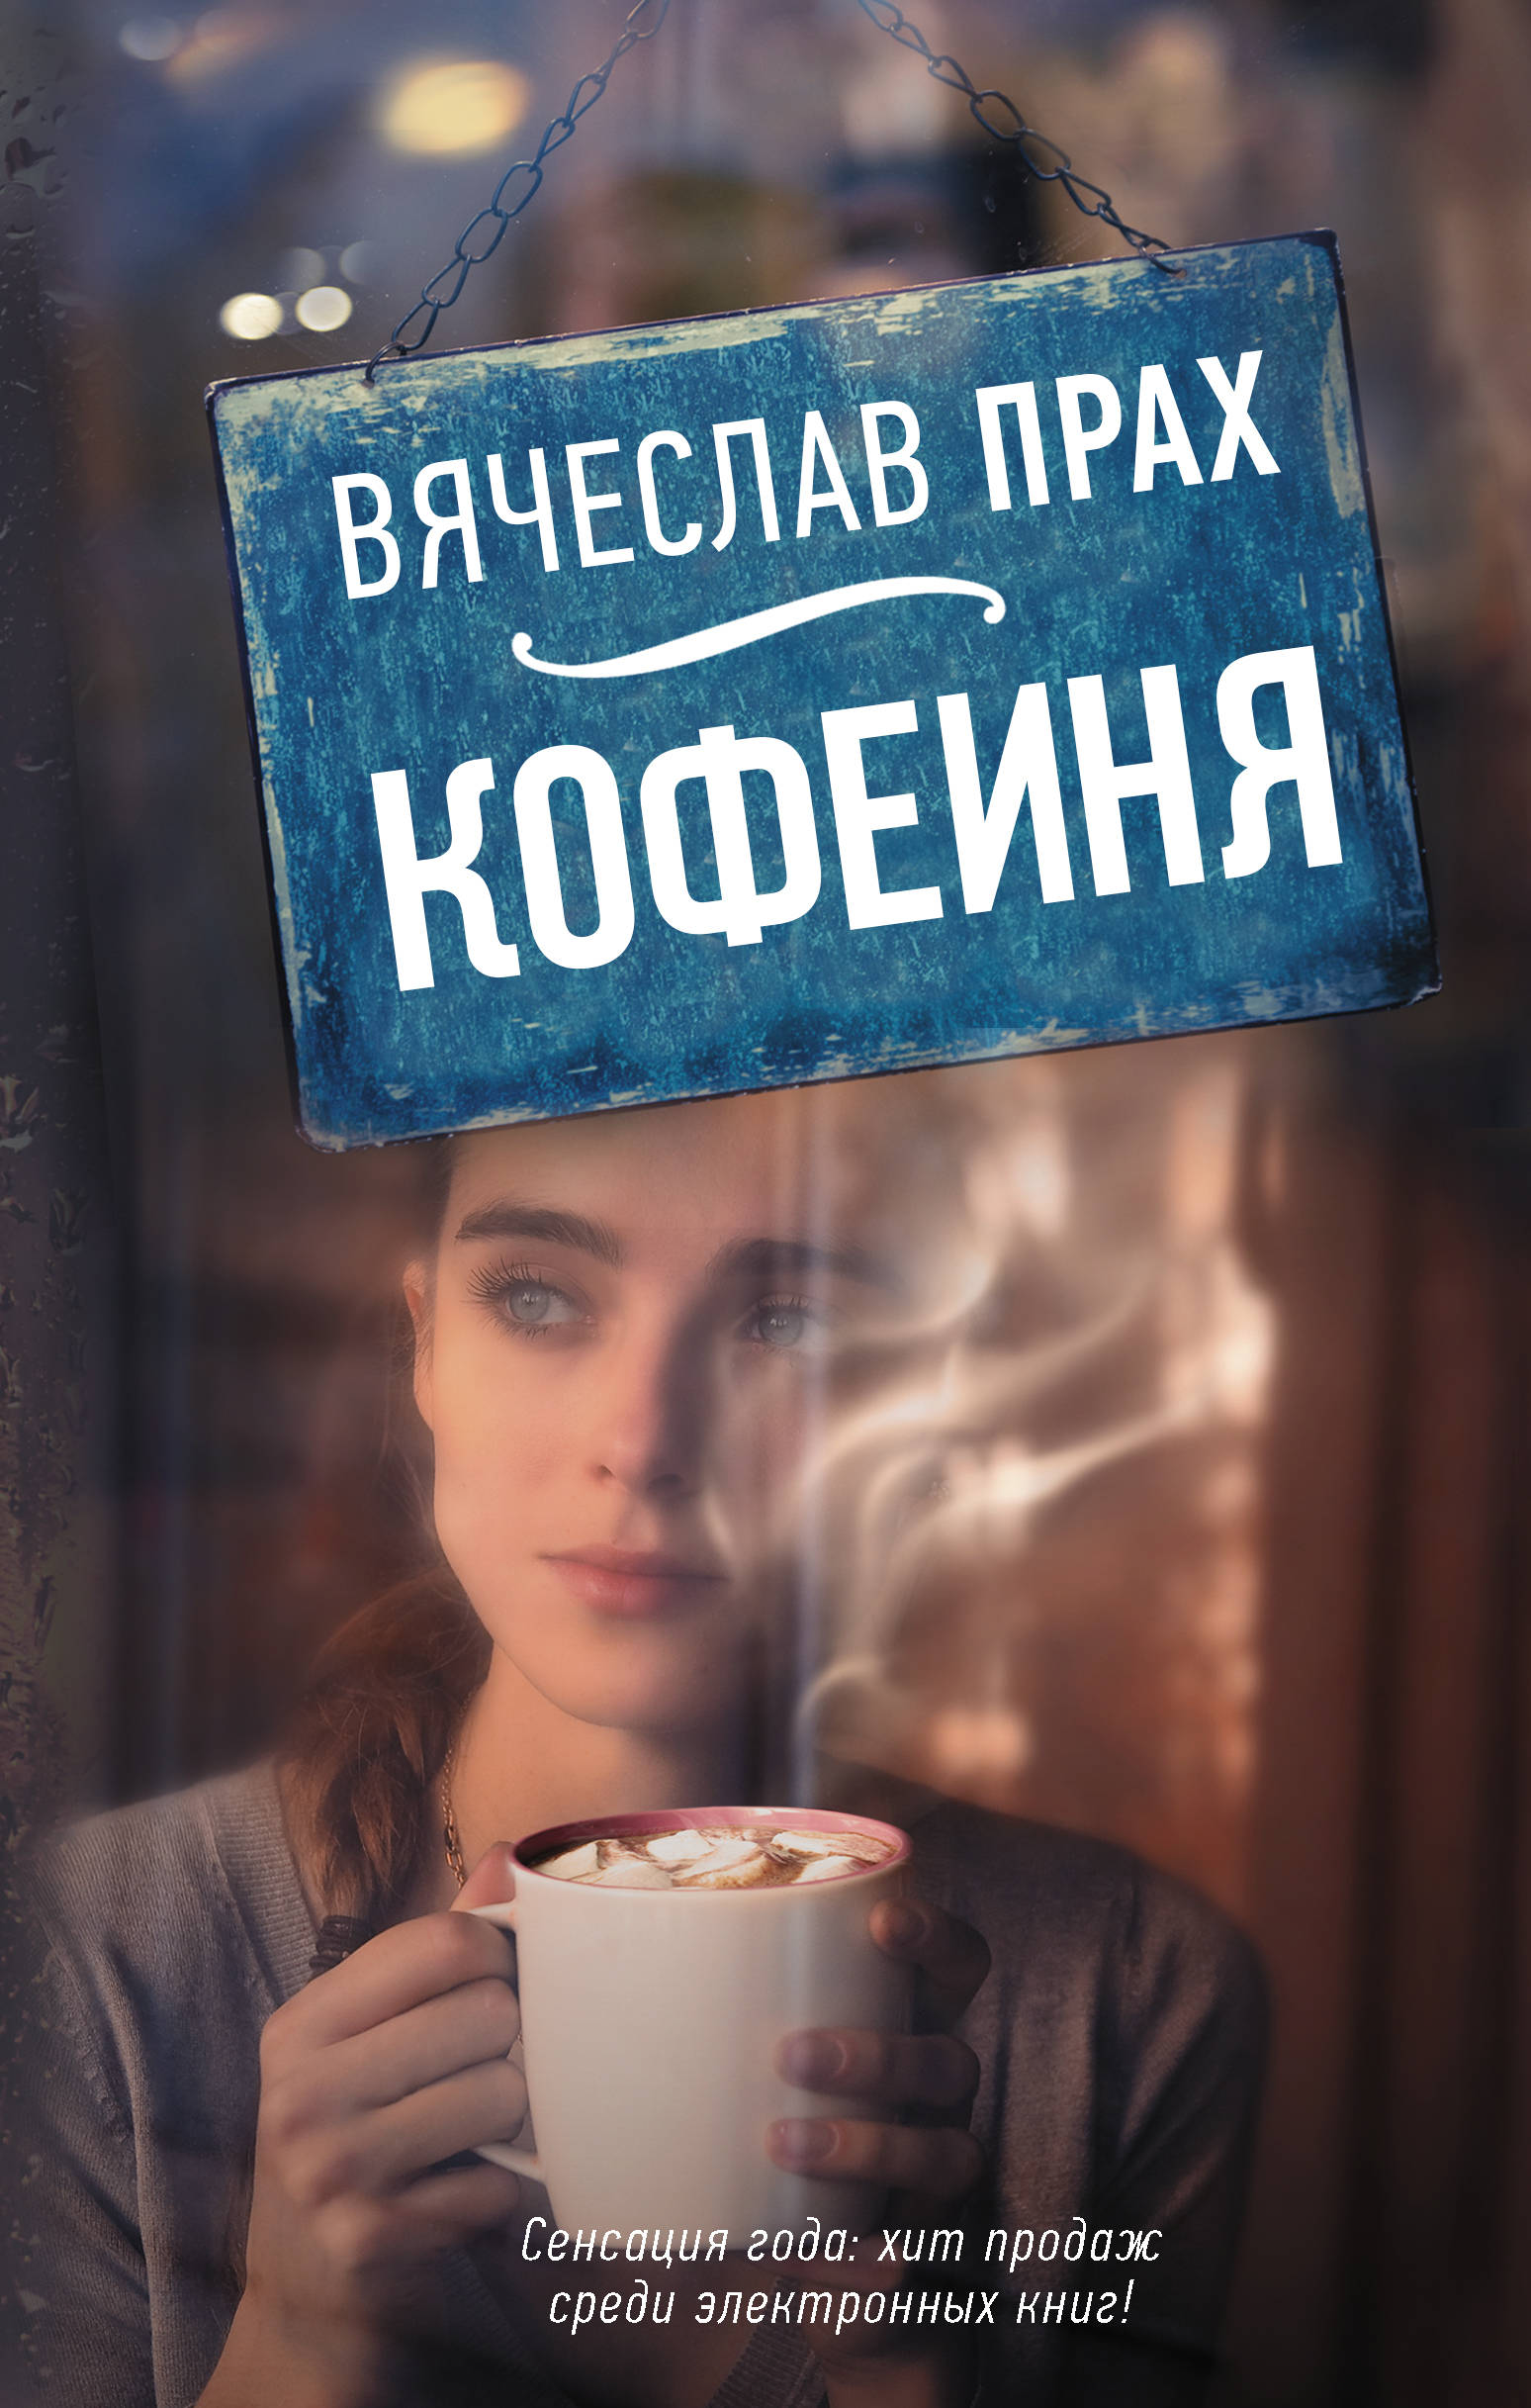 Вячеслав Прах Кофейня